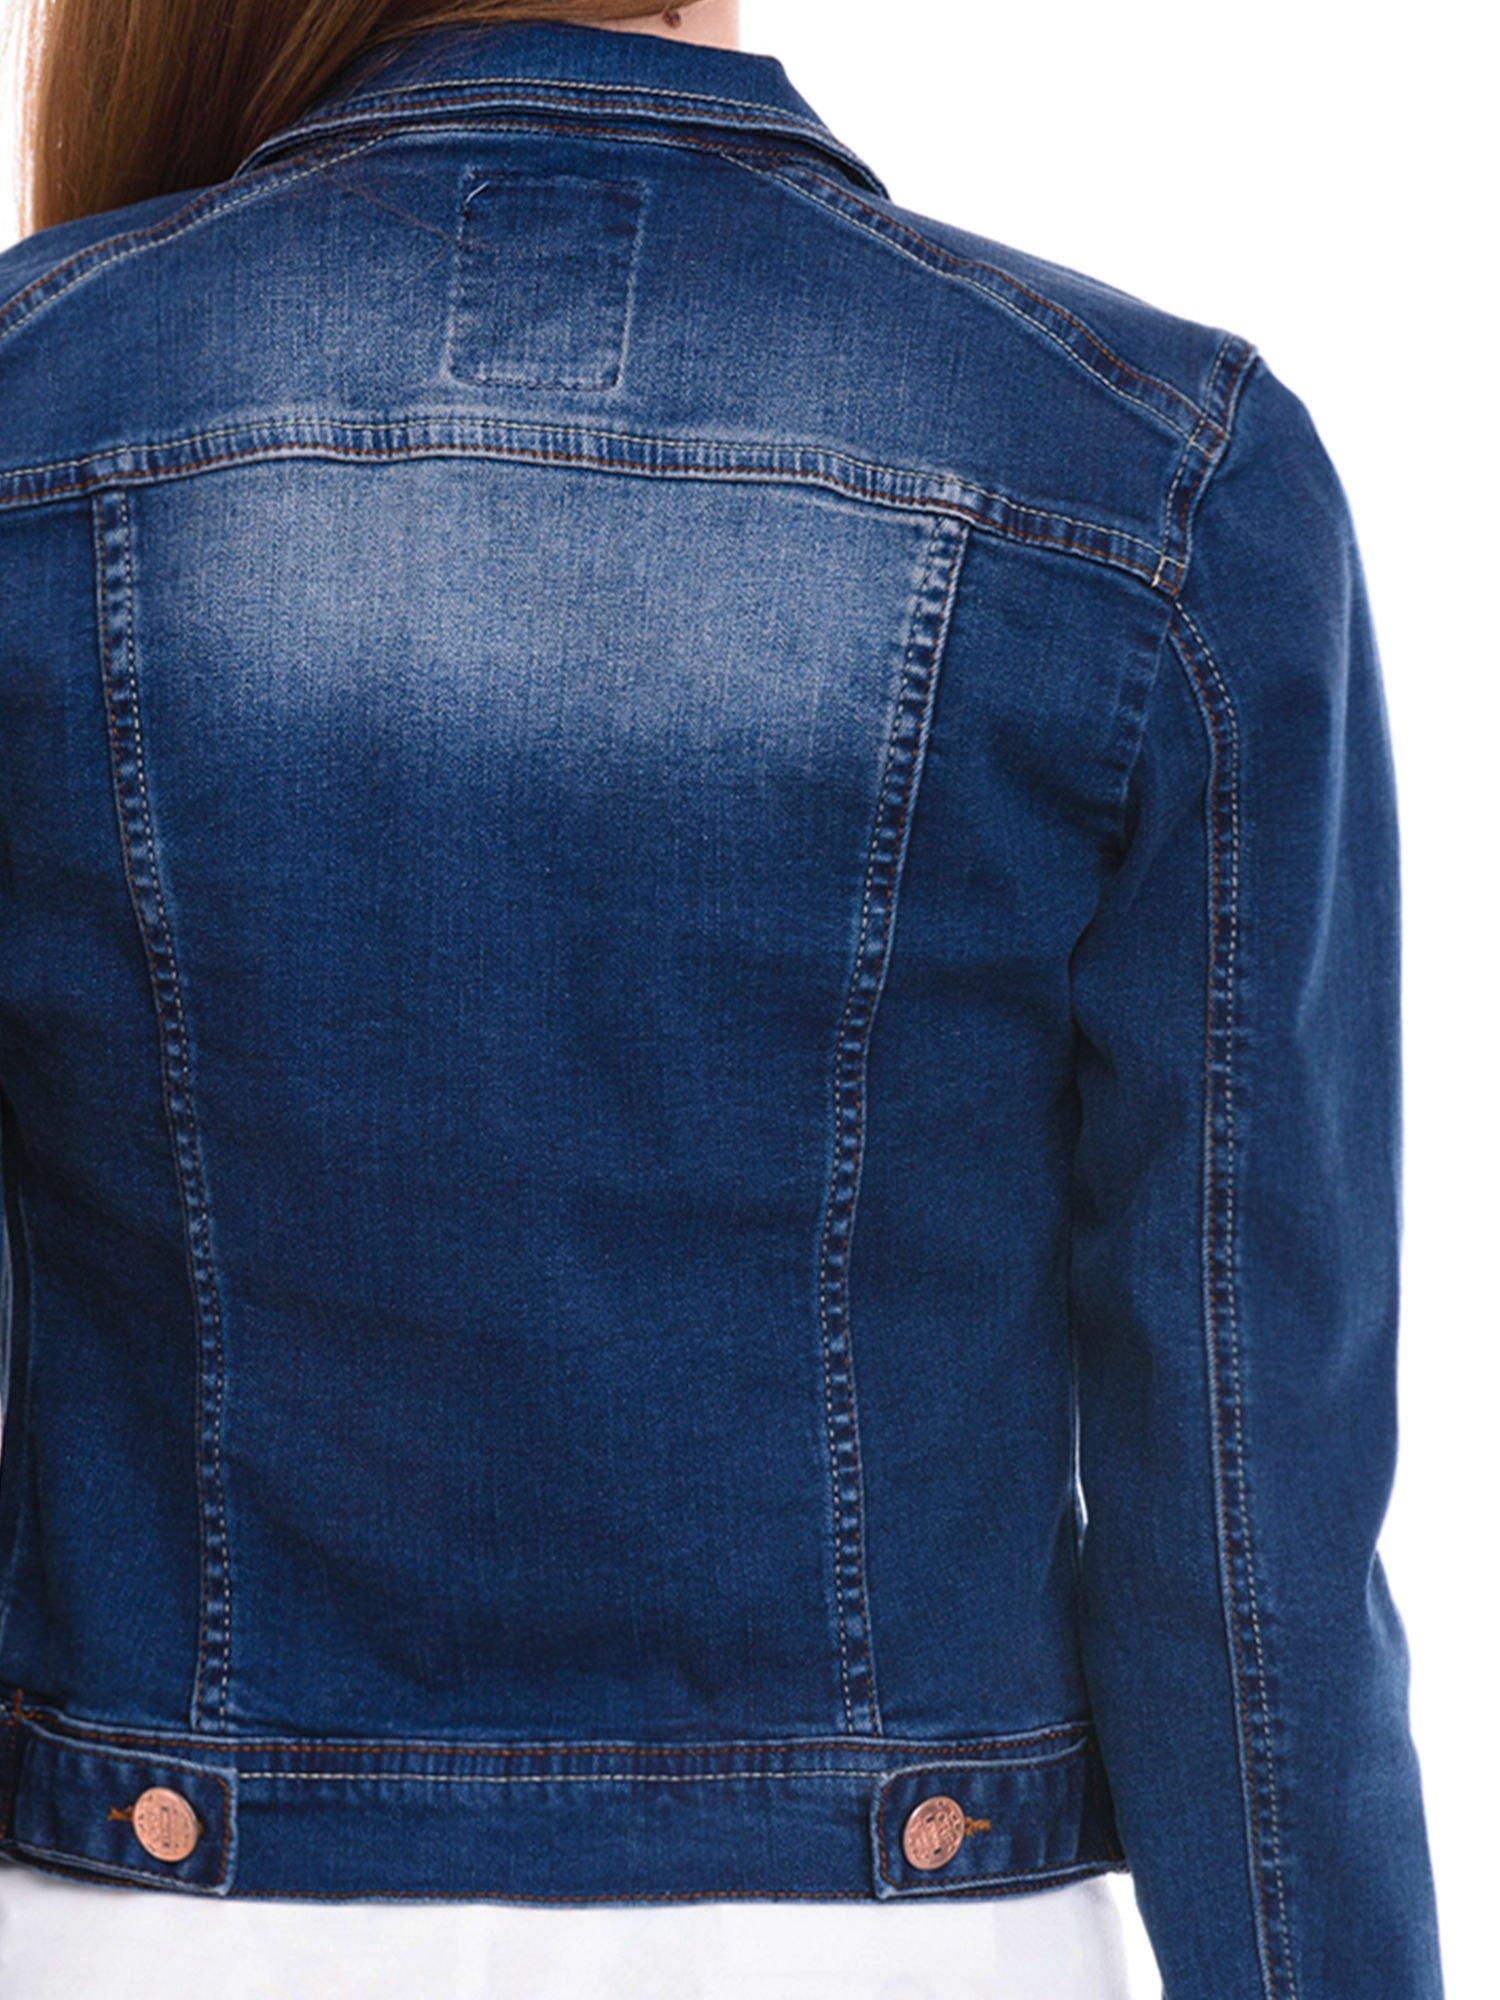 Ciemnoniebieska kurtka jeansowa damska z cieniowaniem i przetarciami                                  zdj.                                  7